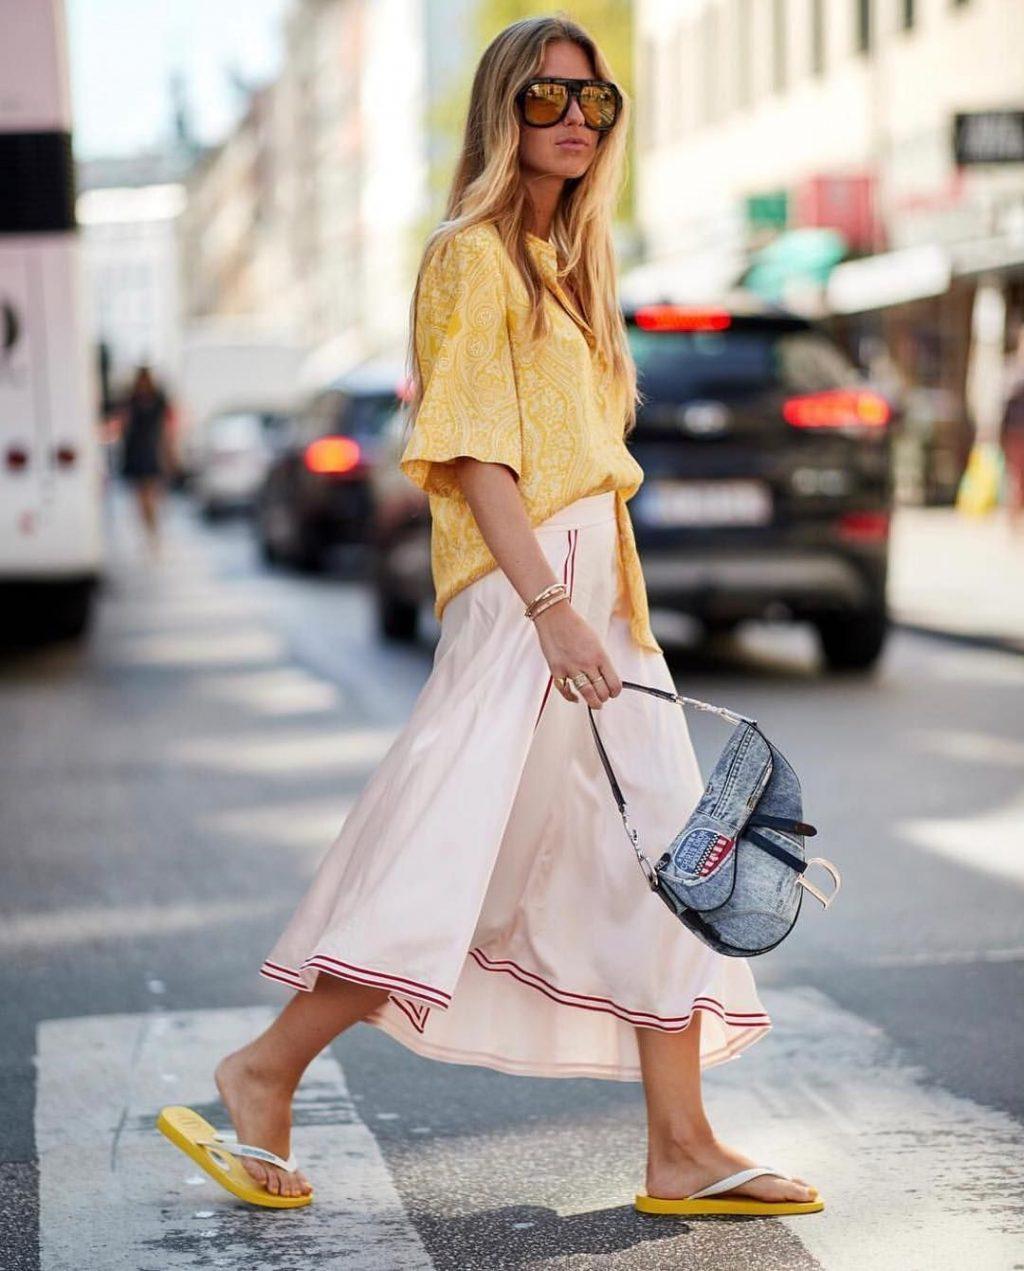 Fashionista mang dép xỏ ngón vàng cùng túi Dior